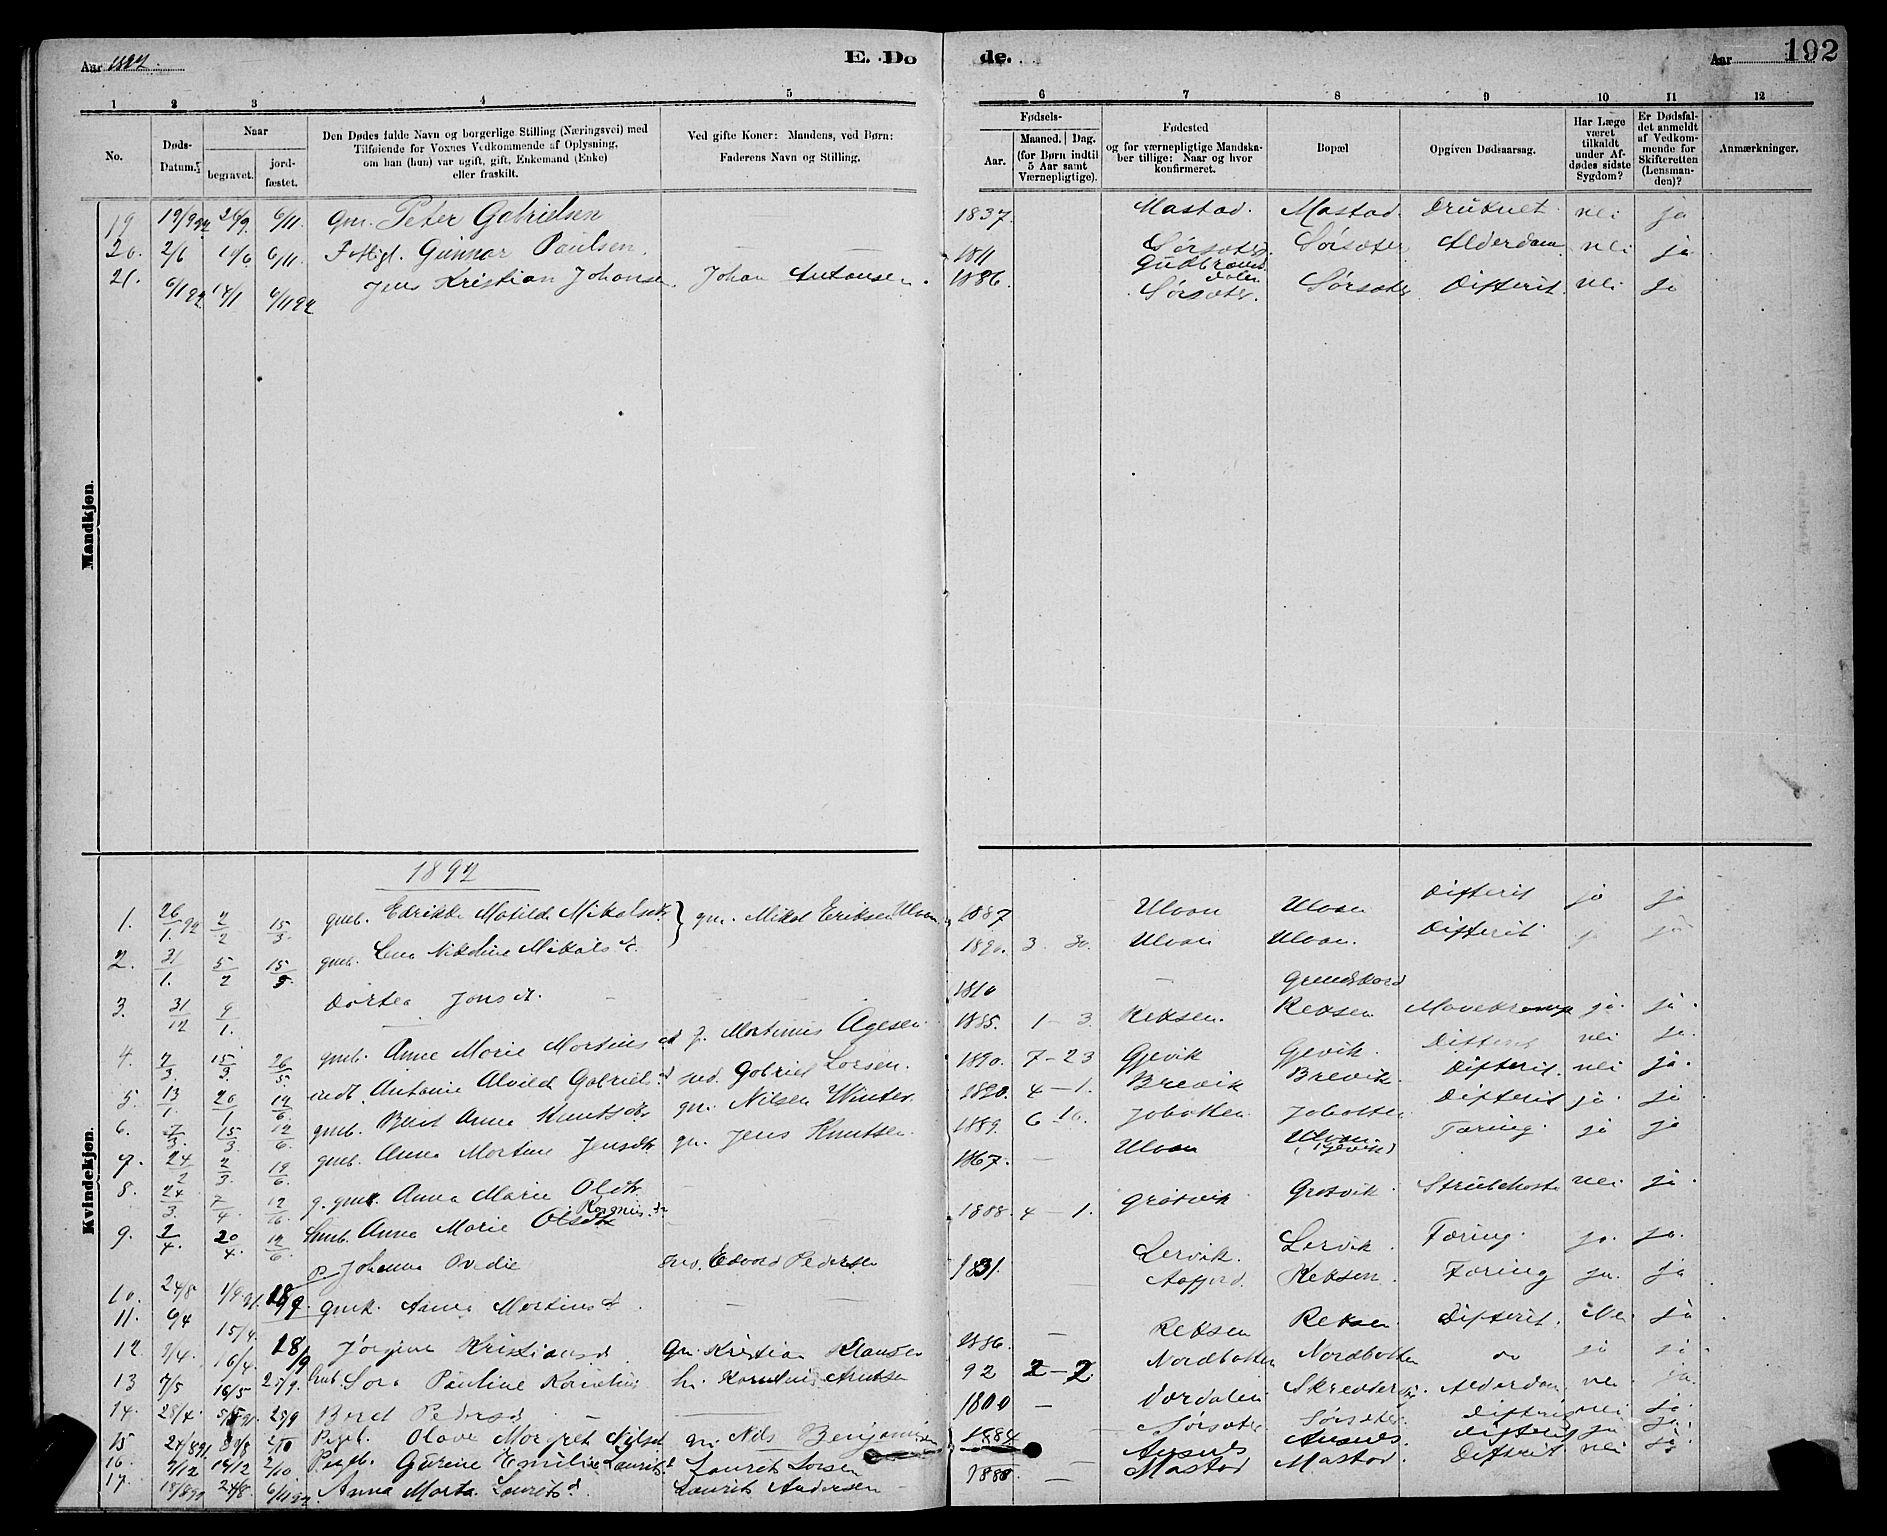 SAT, Ministerialprotokoller, klokkerbøker og fødselsregistre - Sør-Trøndelag, 637/L0562: Klokkerbok nr. 637C03, 1883-1898, s. 192